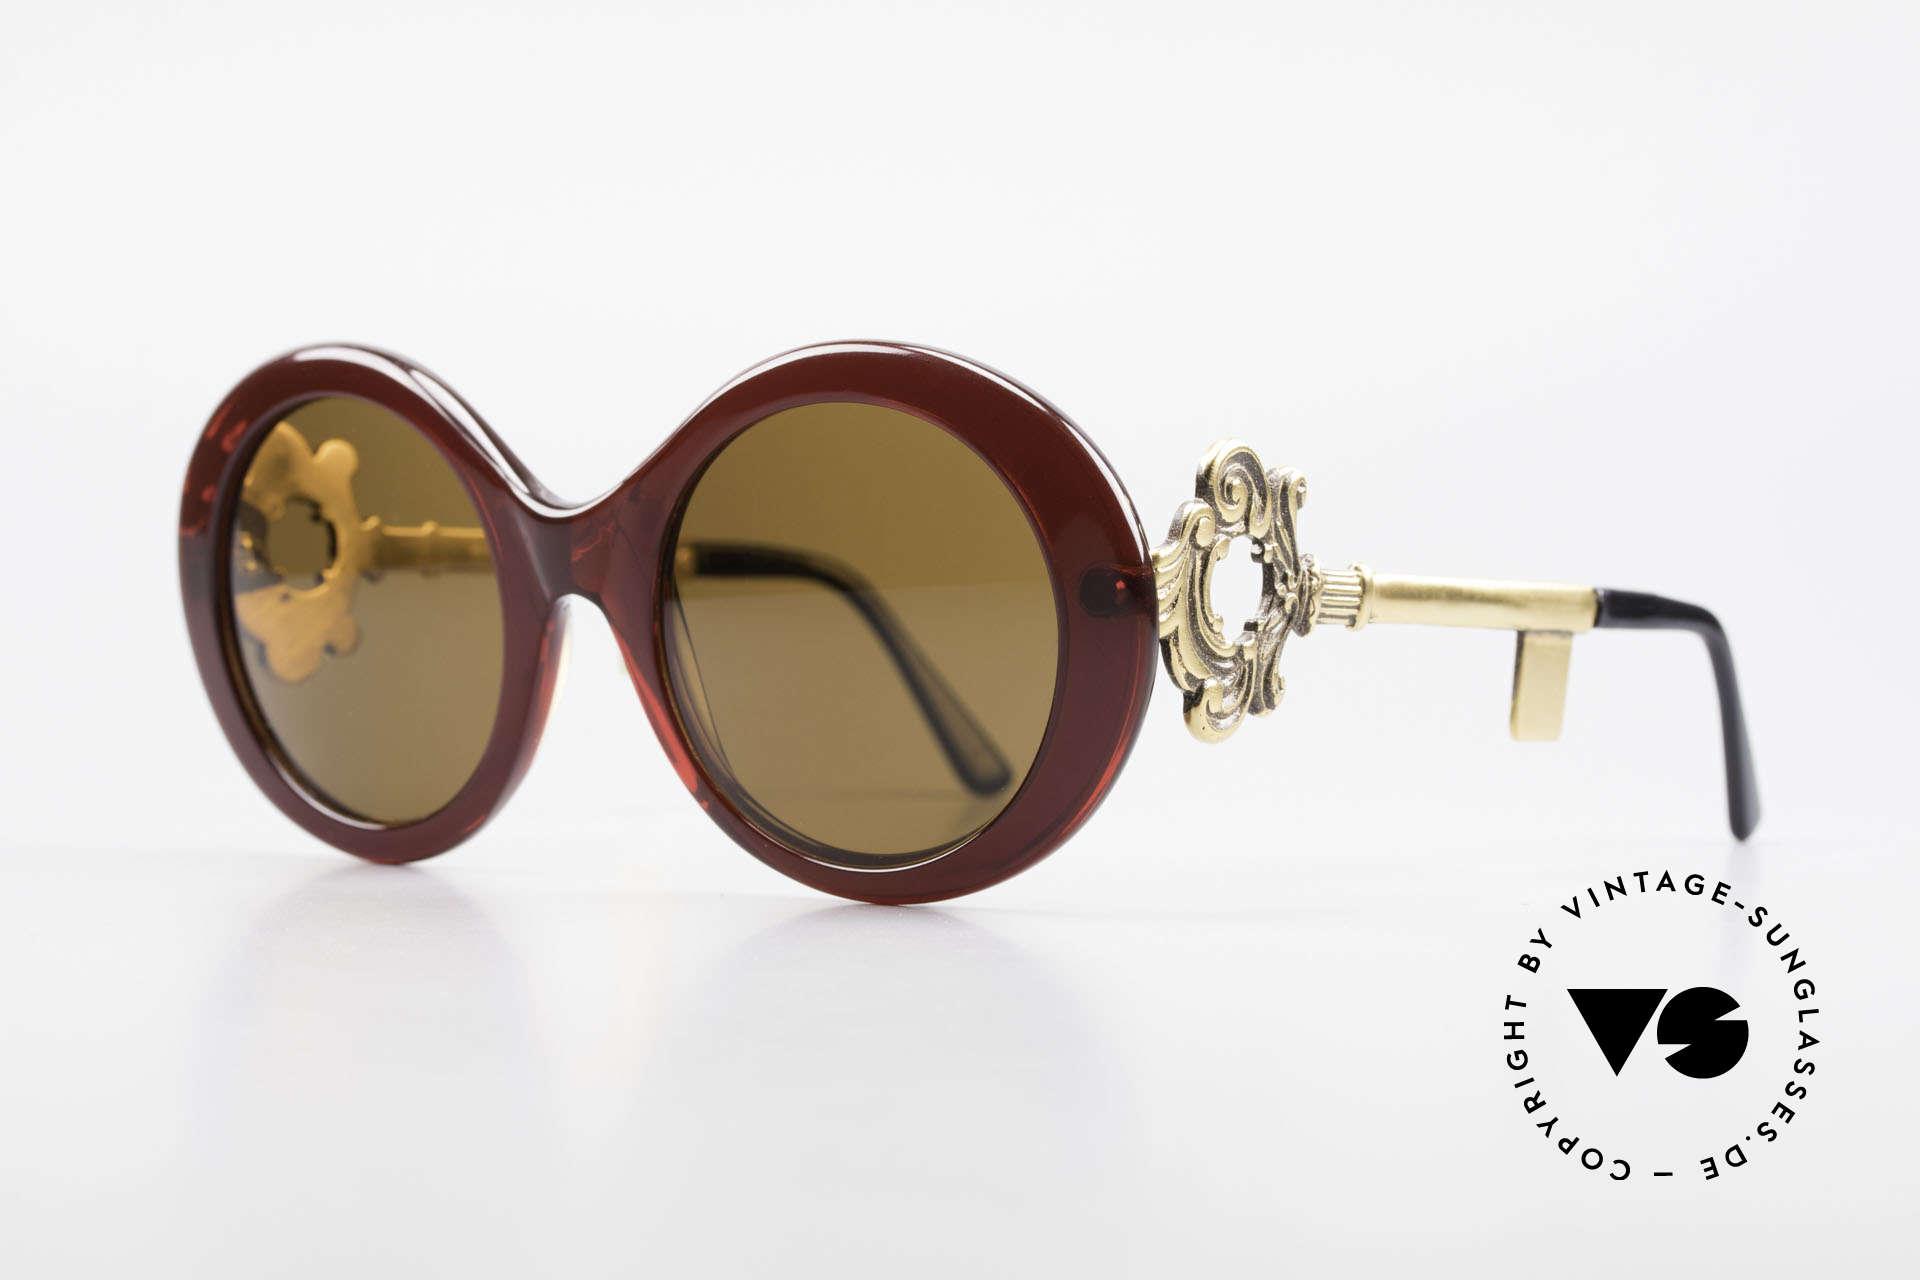 Moschino M254 Schüssel Sonnenbrille Antik, die Bügel sind gestaltet wie ein antiker Schlüssel, Passend für Damen